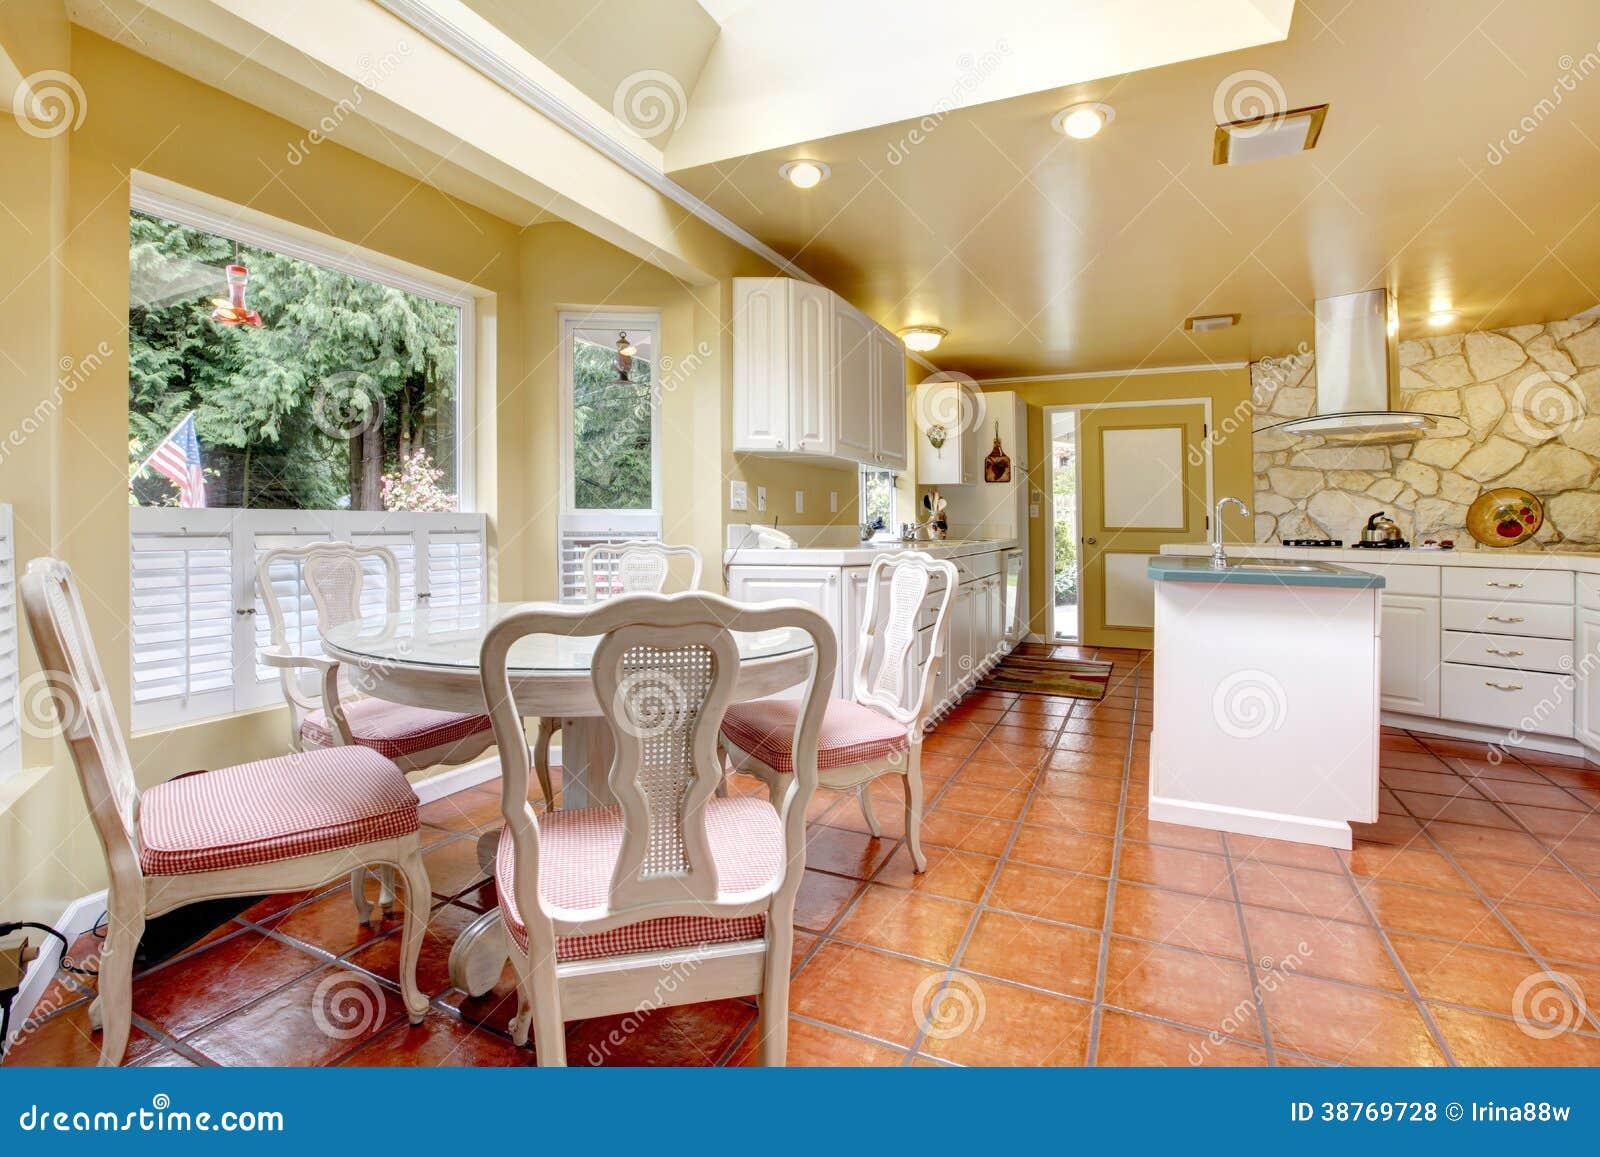 Cuisine blanche et jaune moderne photos – 92 cuisine blanche et ...